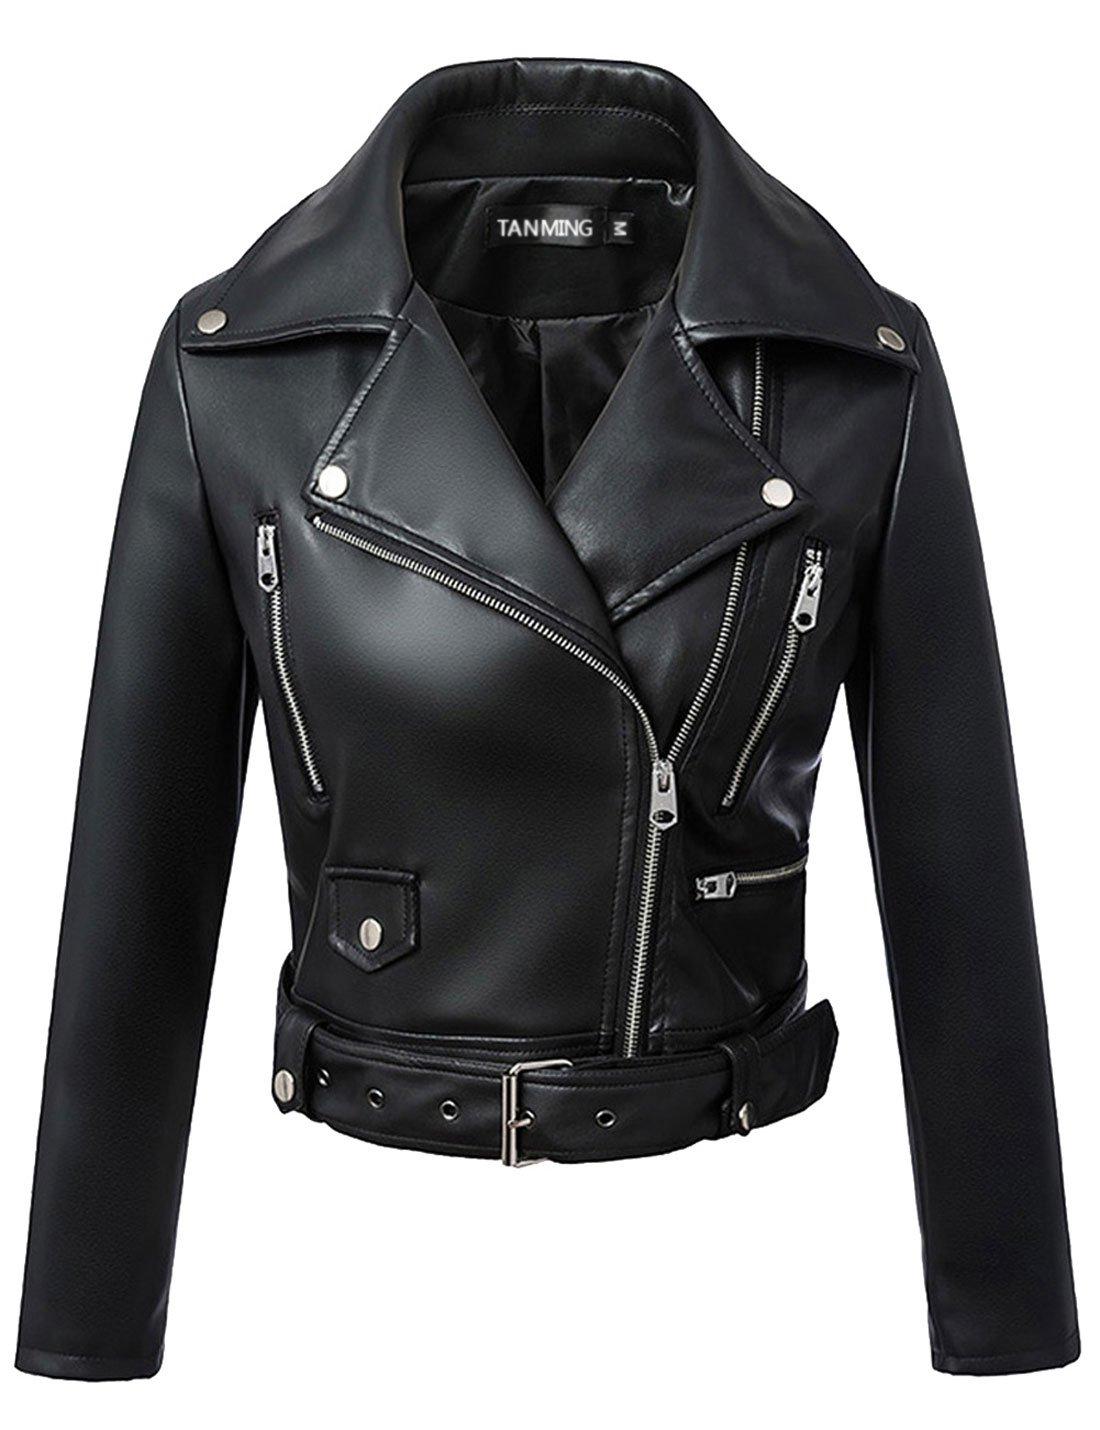 Tanming Women's Leather Coat Jacket (Medium, Black2)